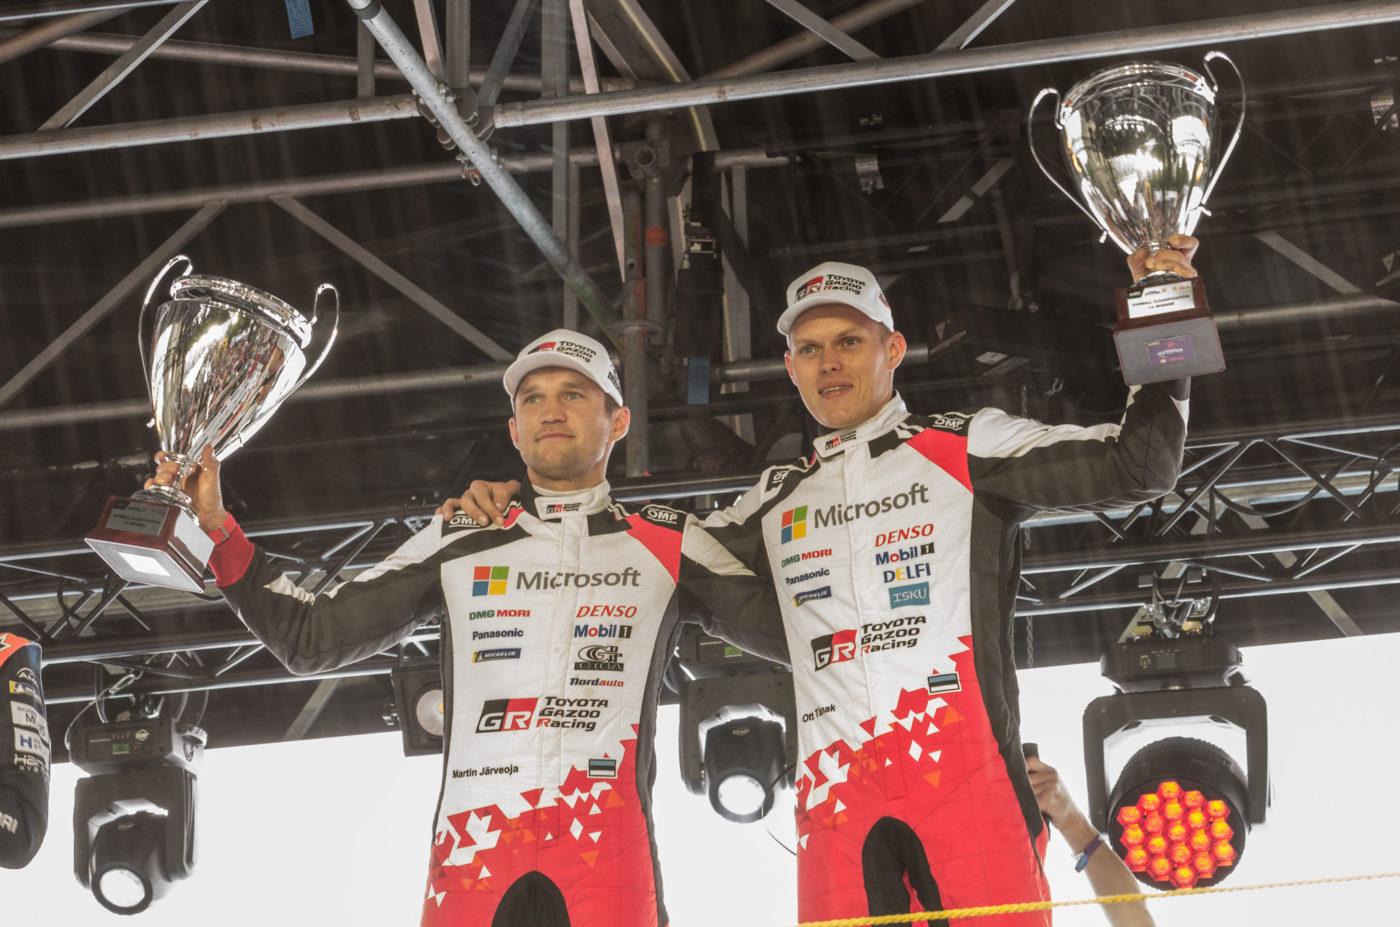 Rallifännid unistavad WRC etapist Eestis. Lisatud galerii Rally Estonialt!